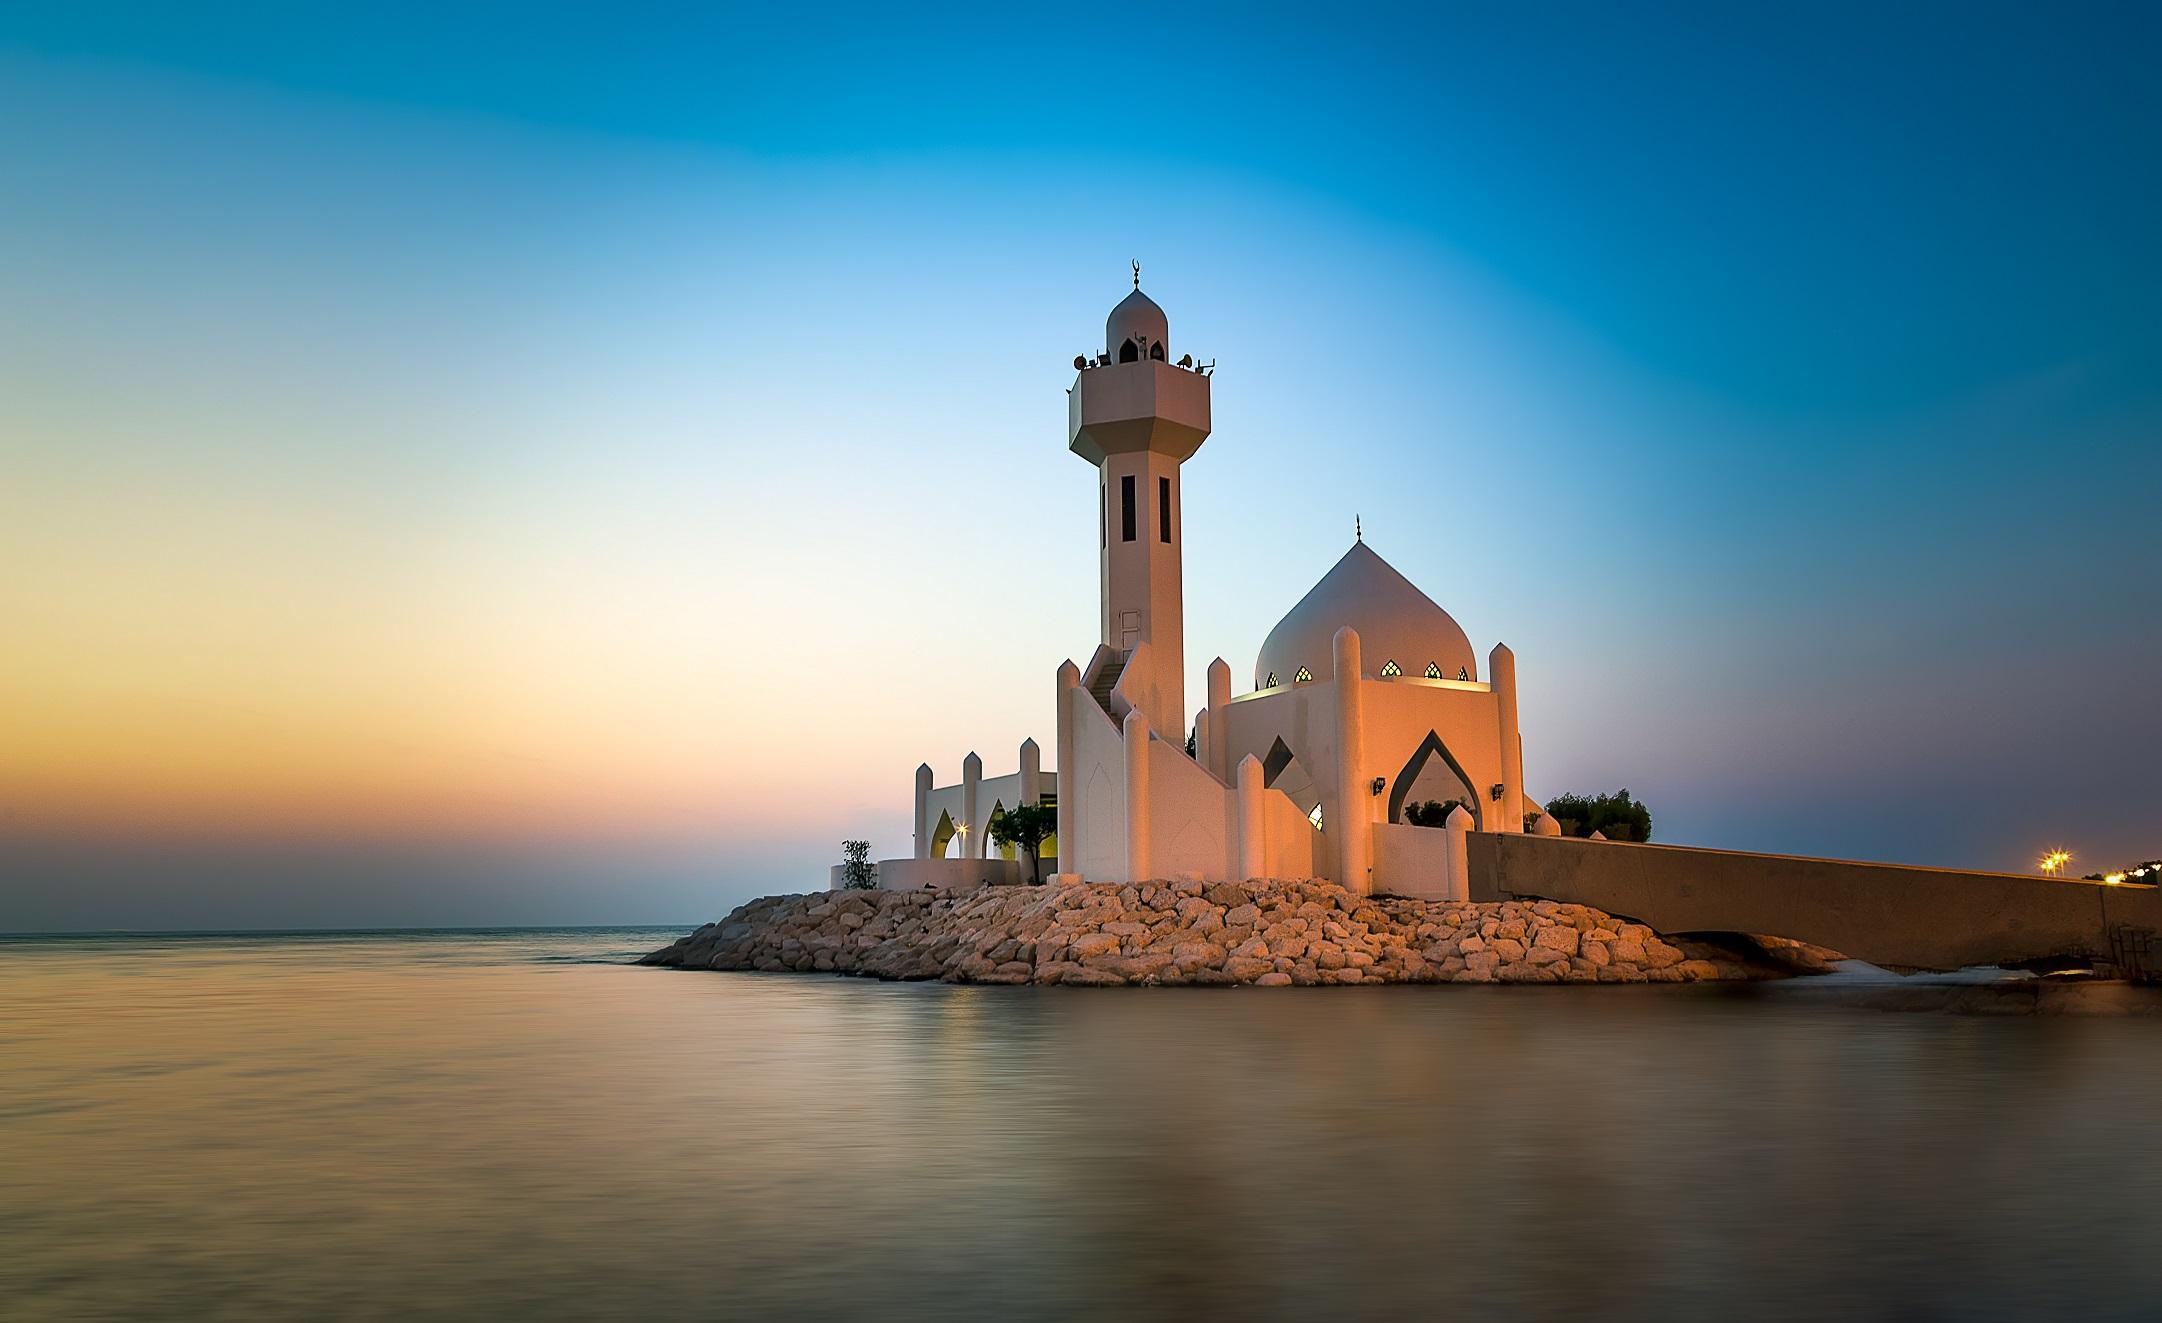 Voyages en Arabie Saoudite, circuits, séjours, autotours. Agence de voyage Les comptoirs du Monde, pour individuels et groupes